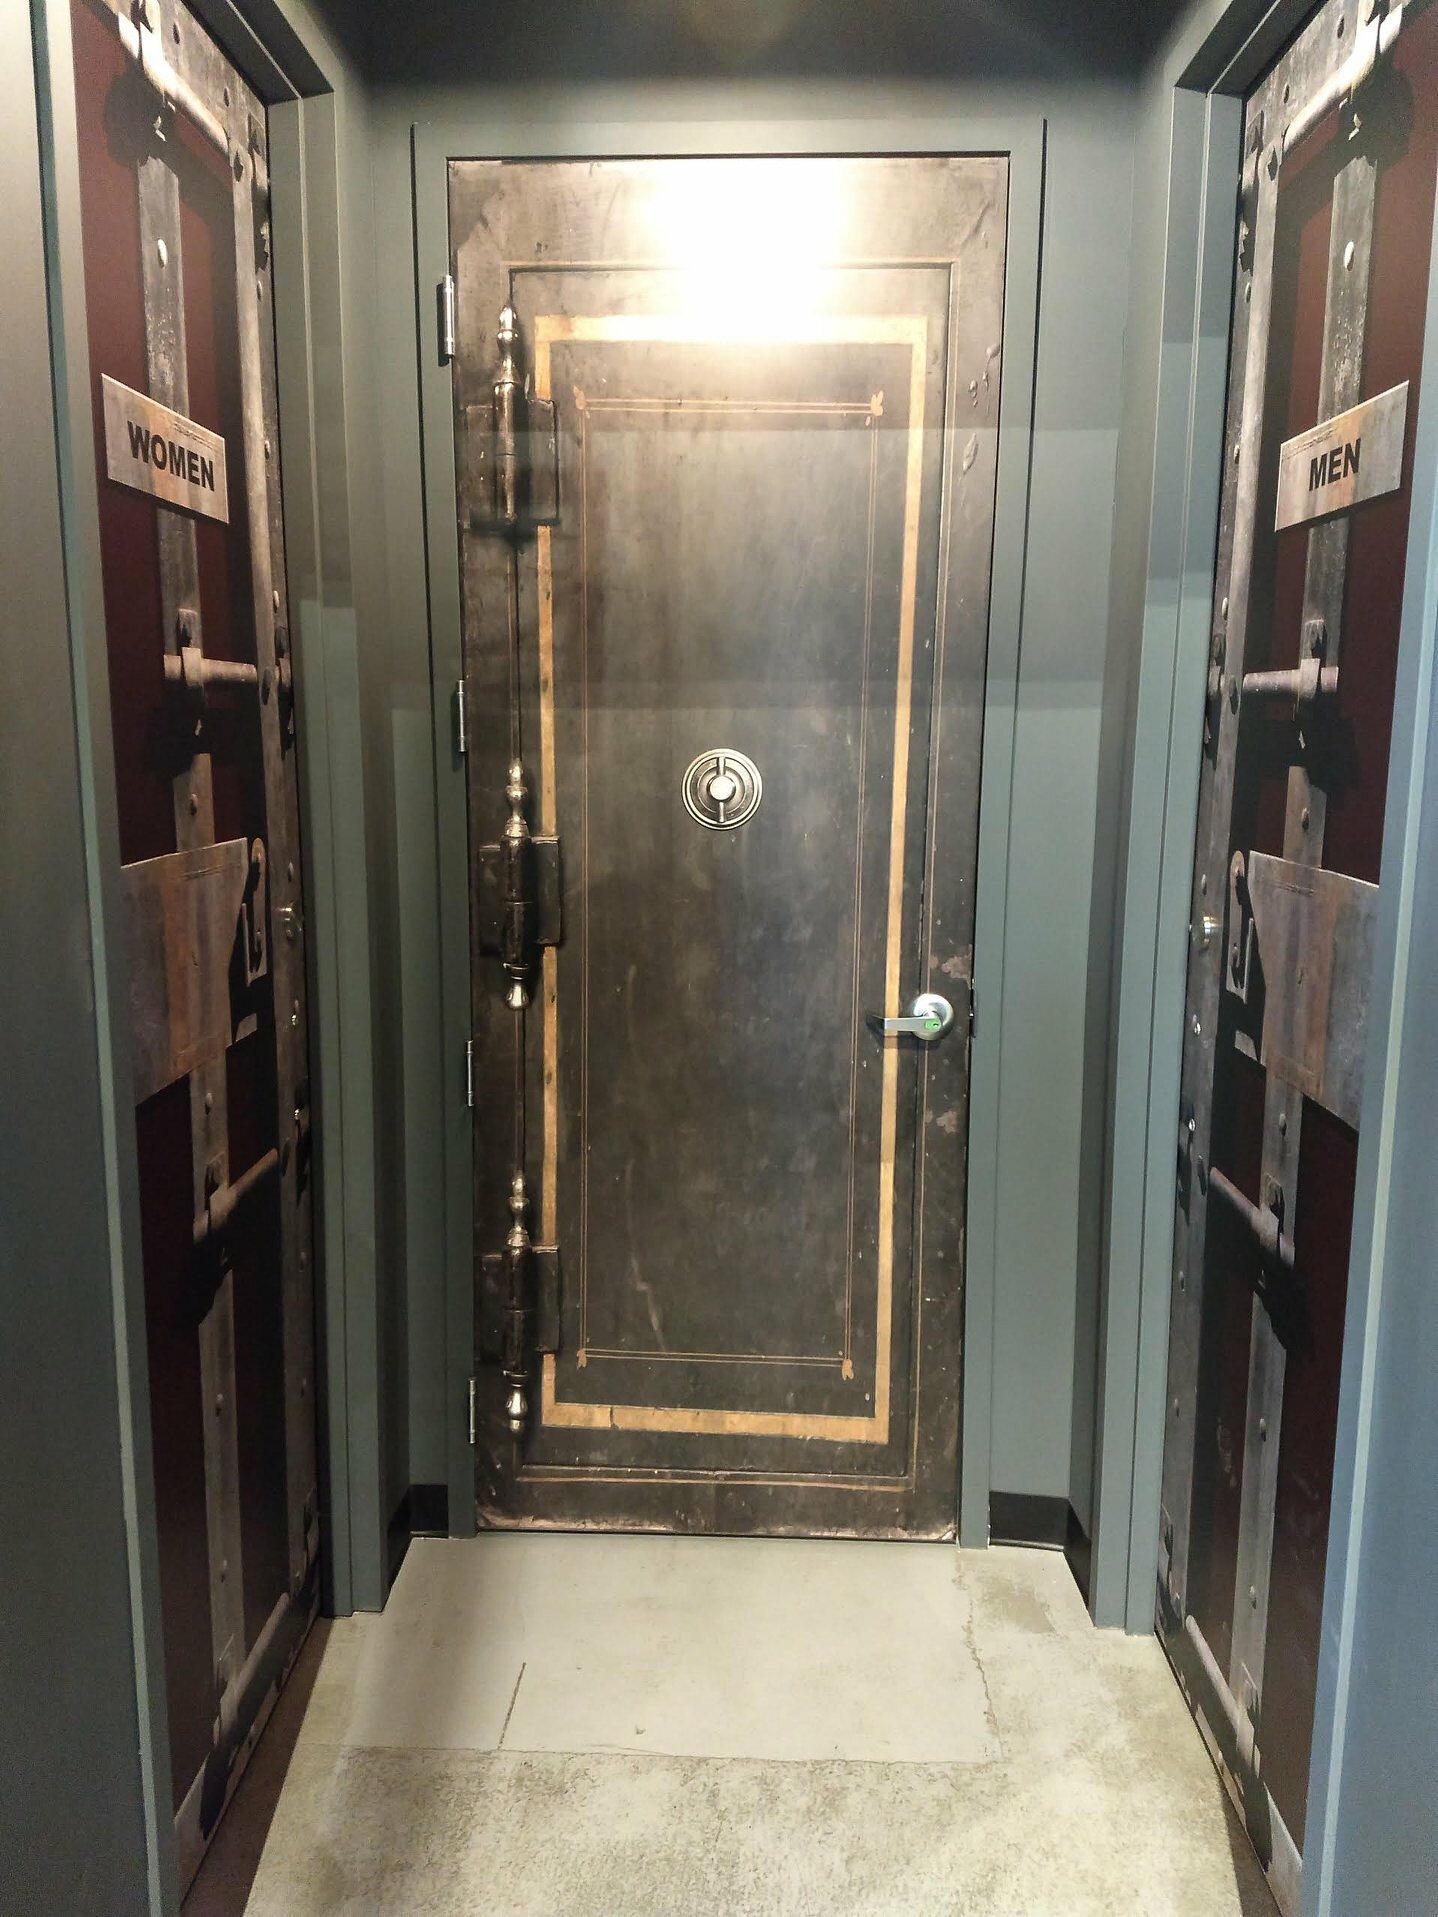 Red Old inside Metal Restrooms Door wrap — Rm Wraps